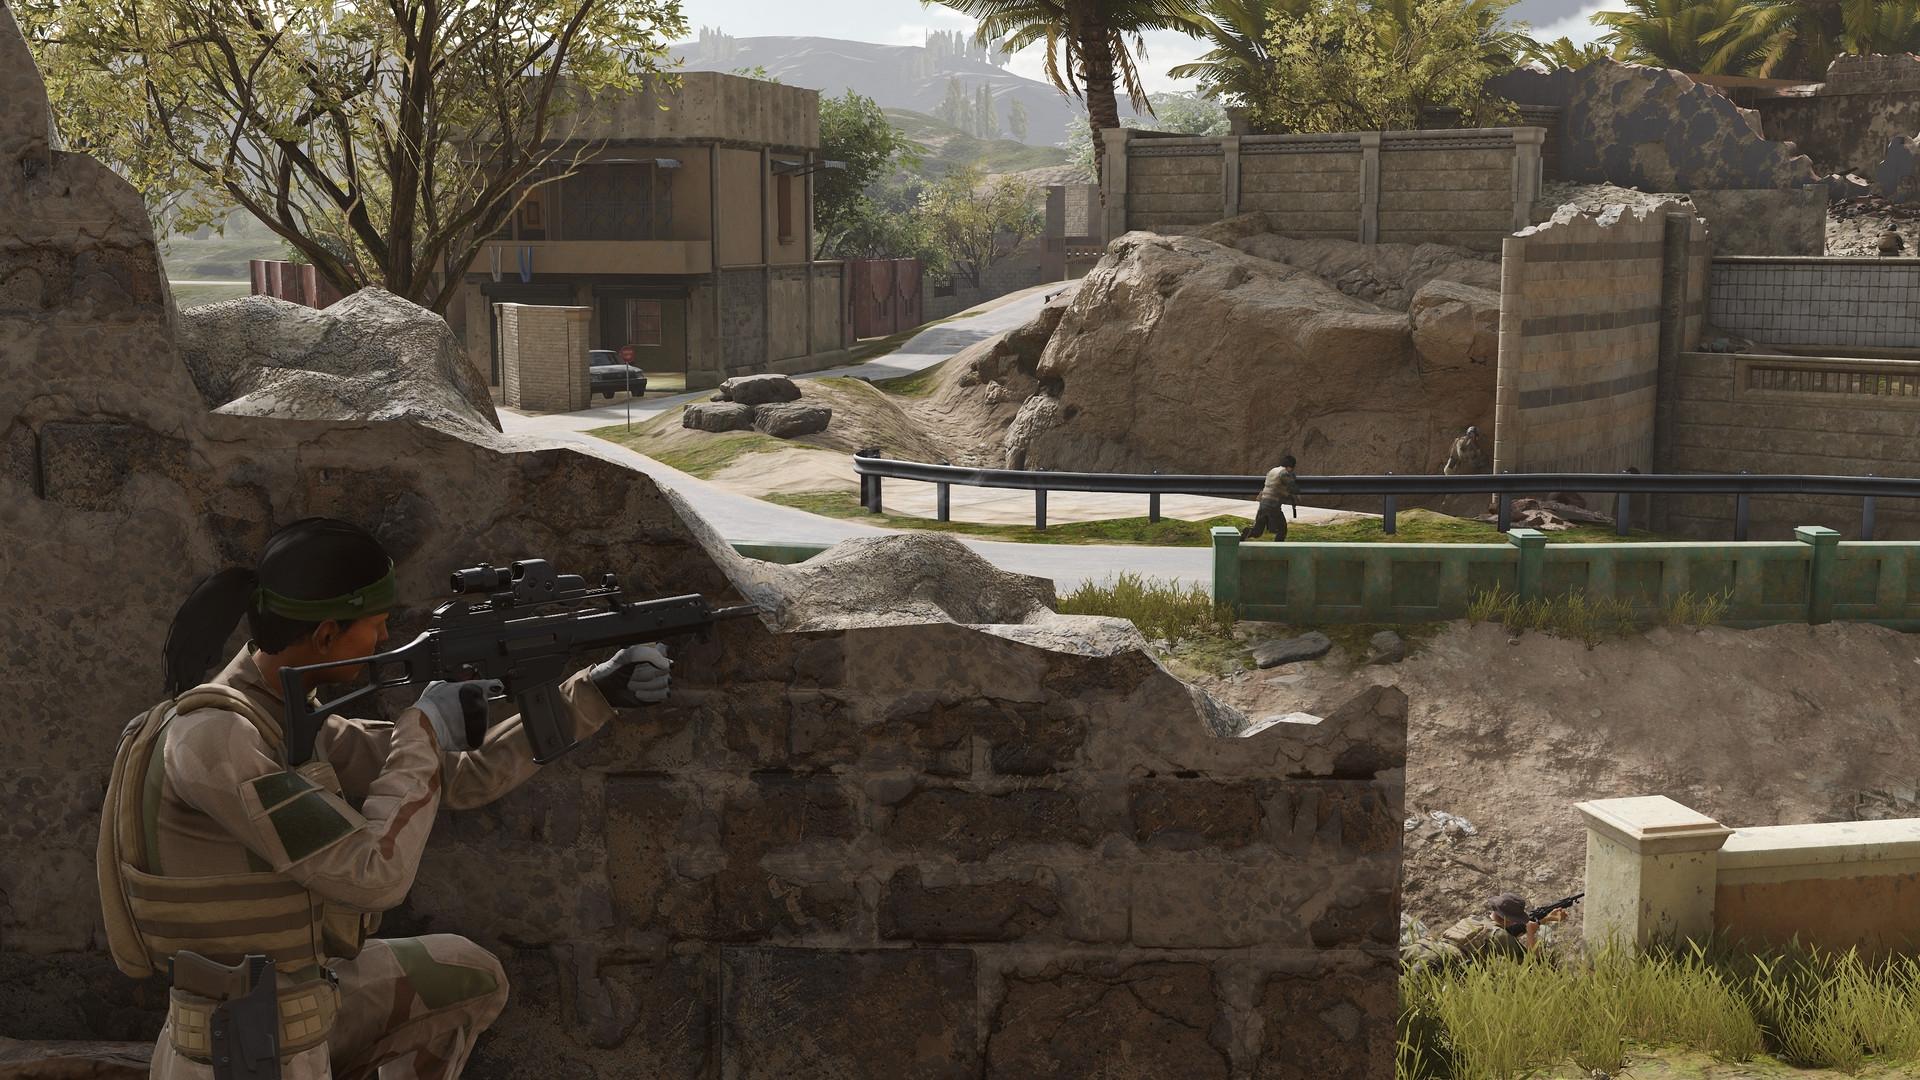 У тактического шутера Insurgency: Sandstorm будет общедоступная бета-версия